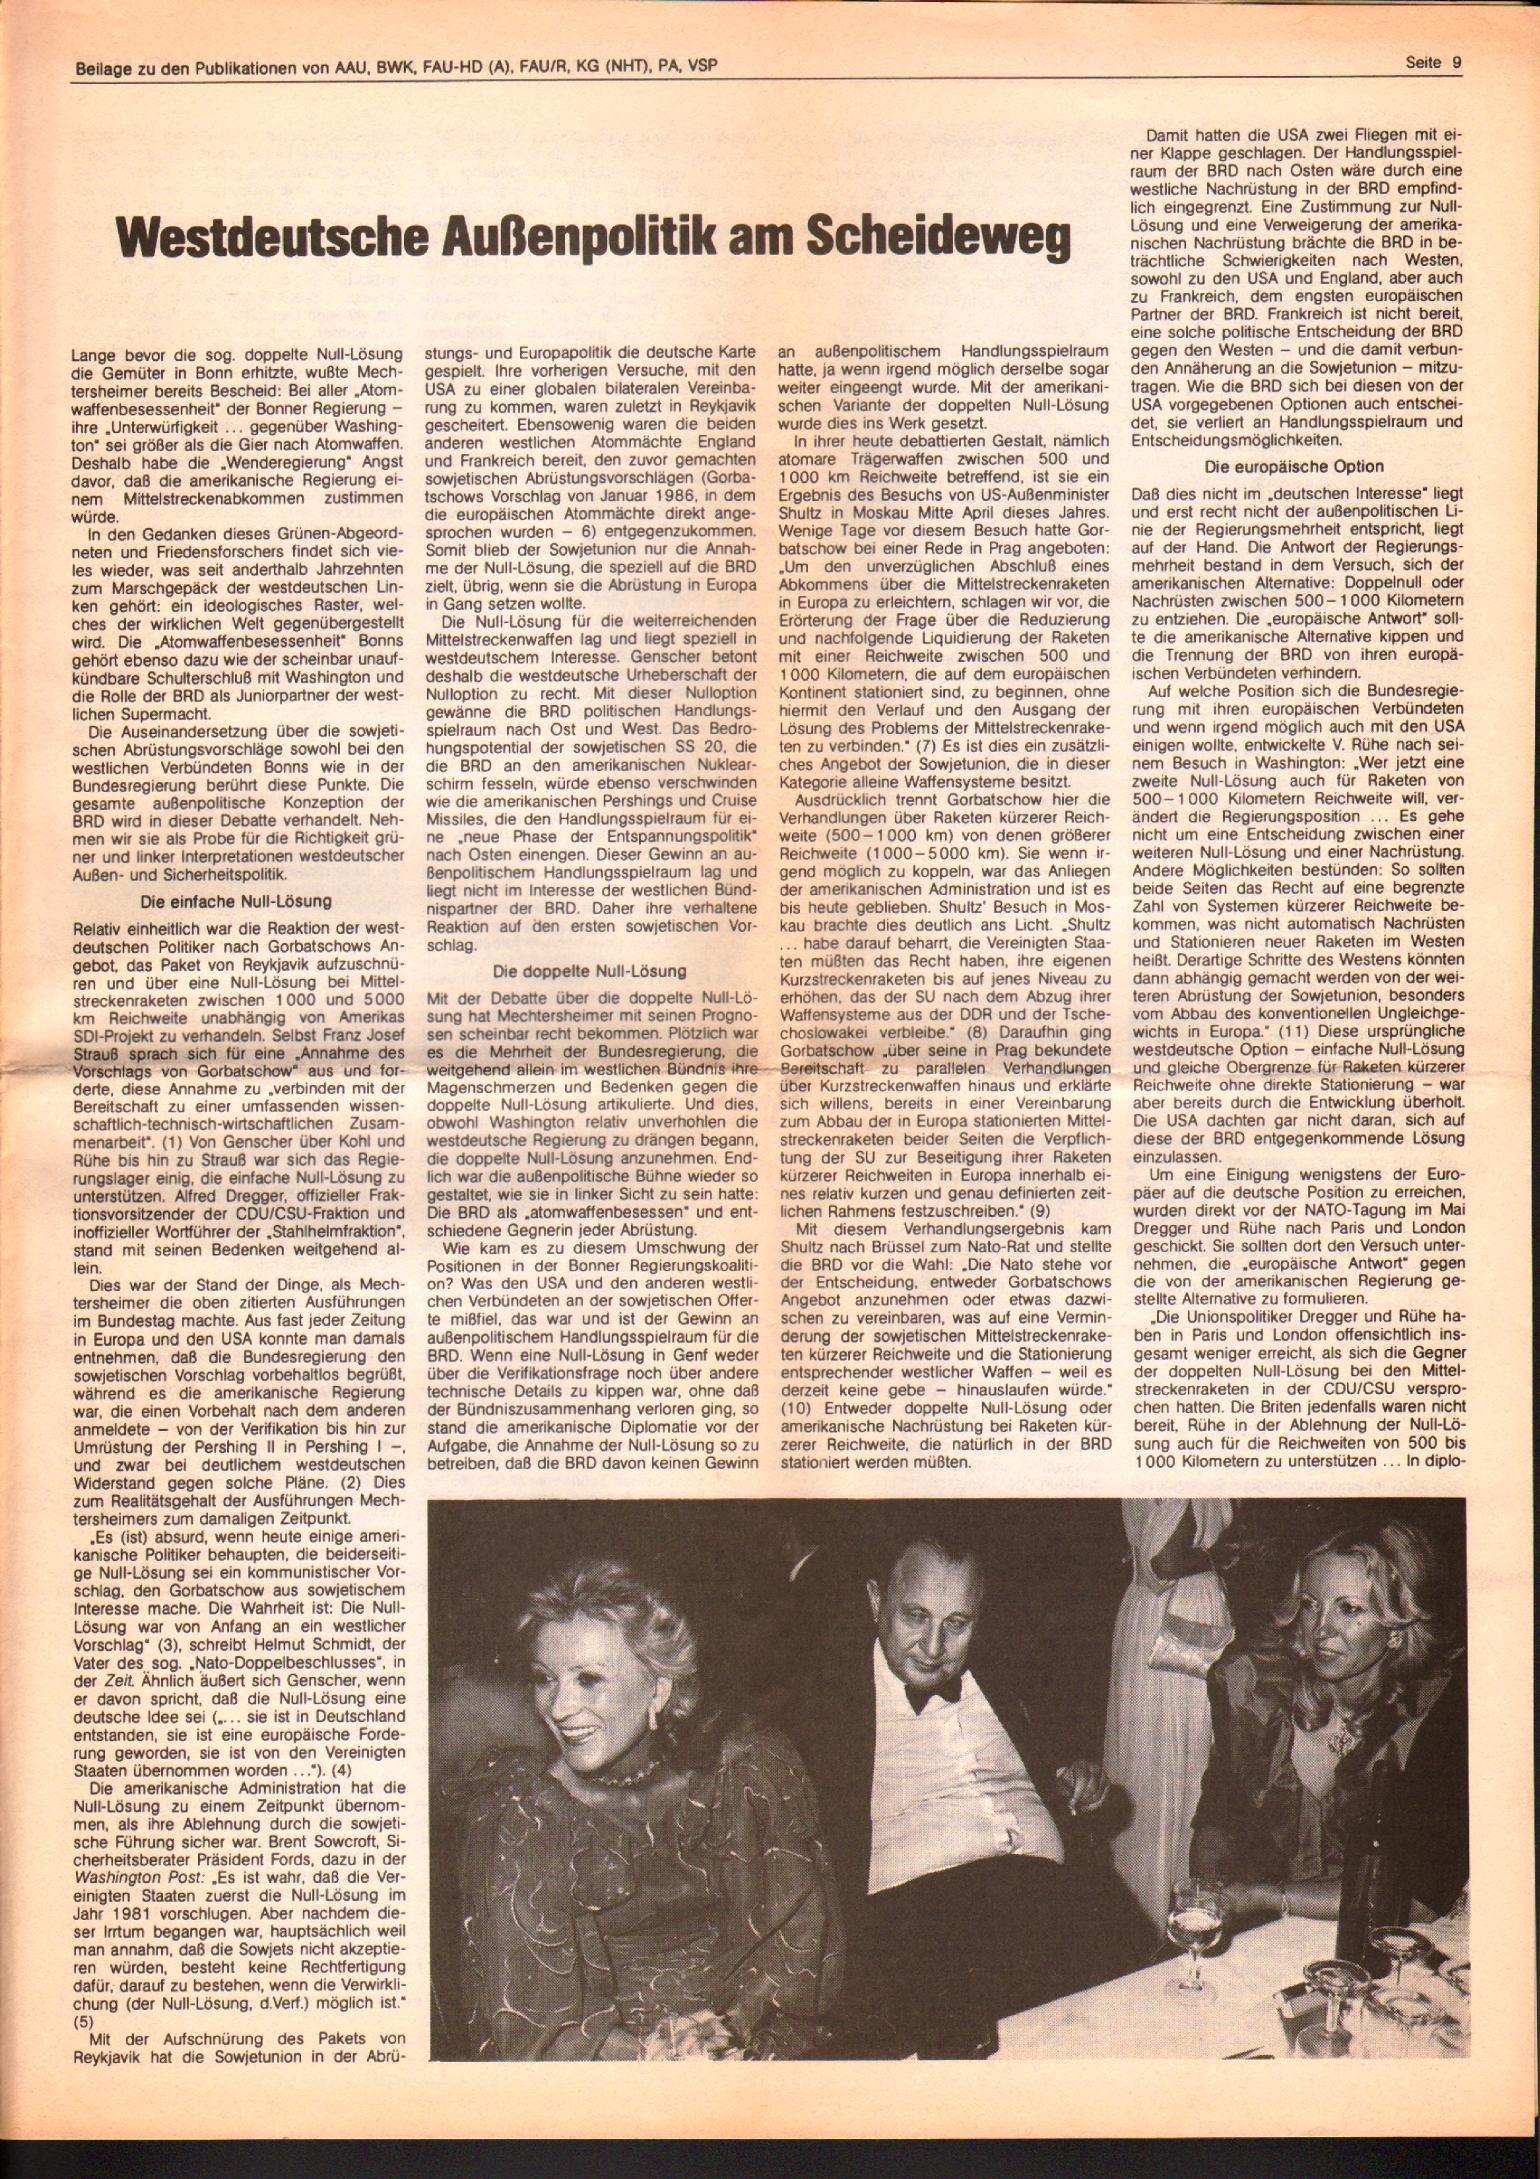 Gemeinsame_Beilage_1987_02_09